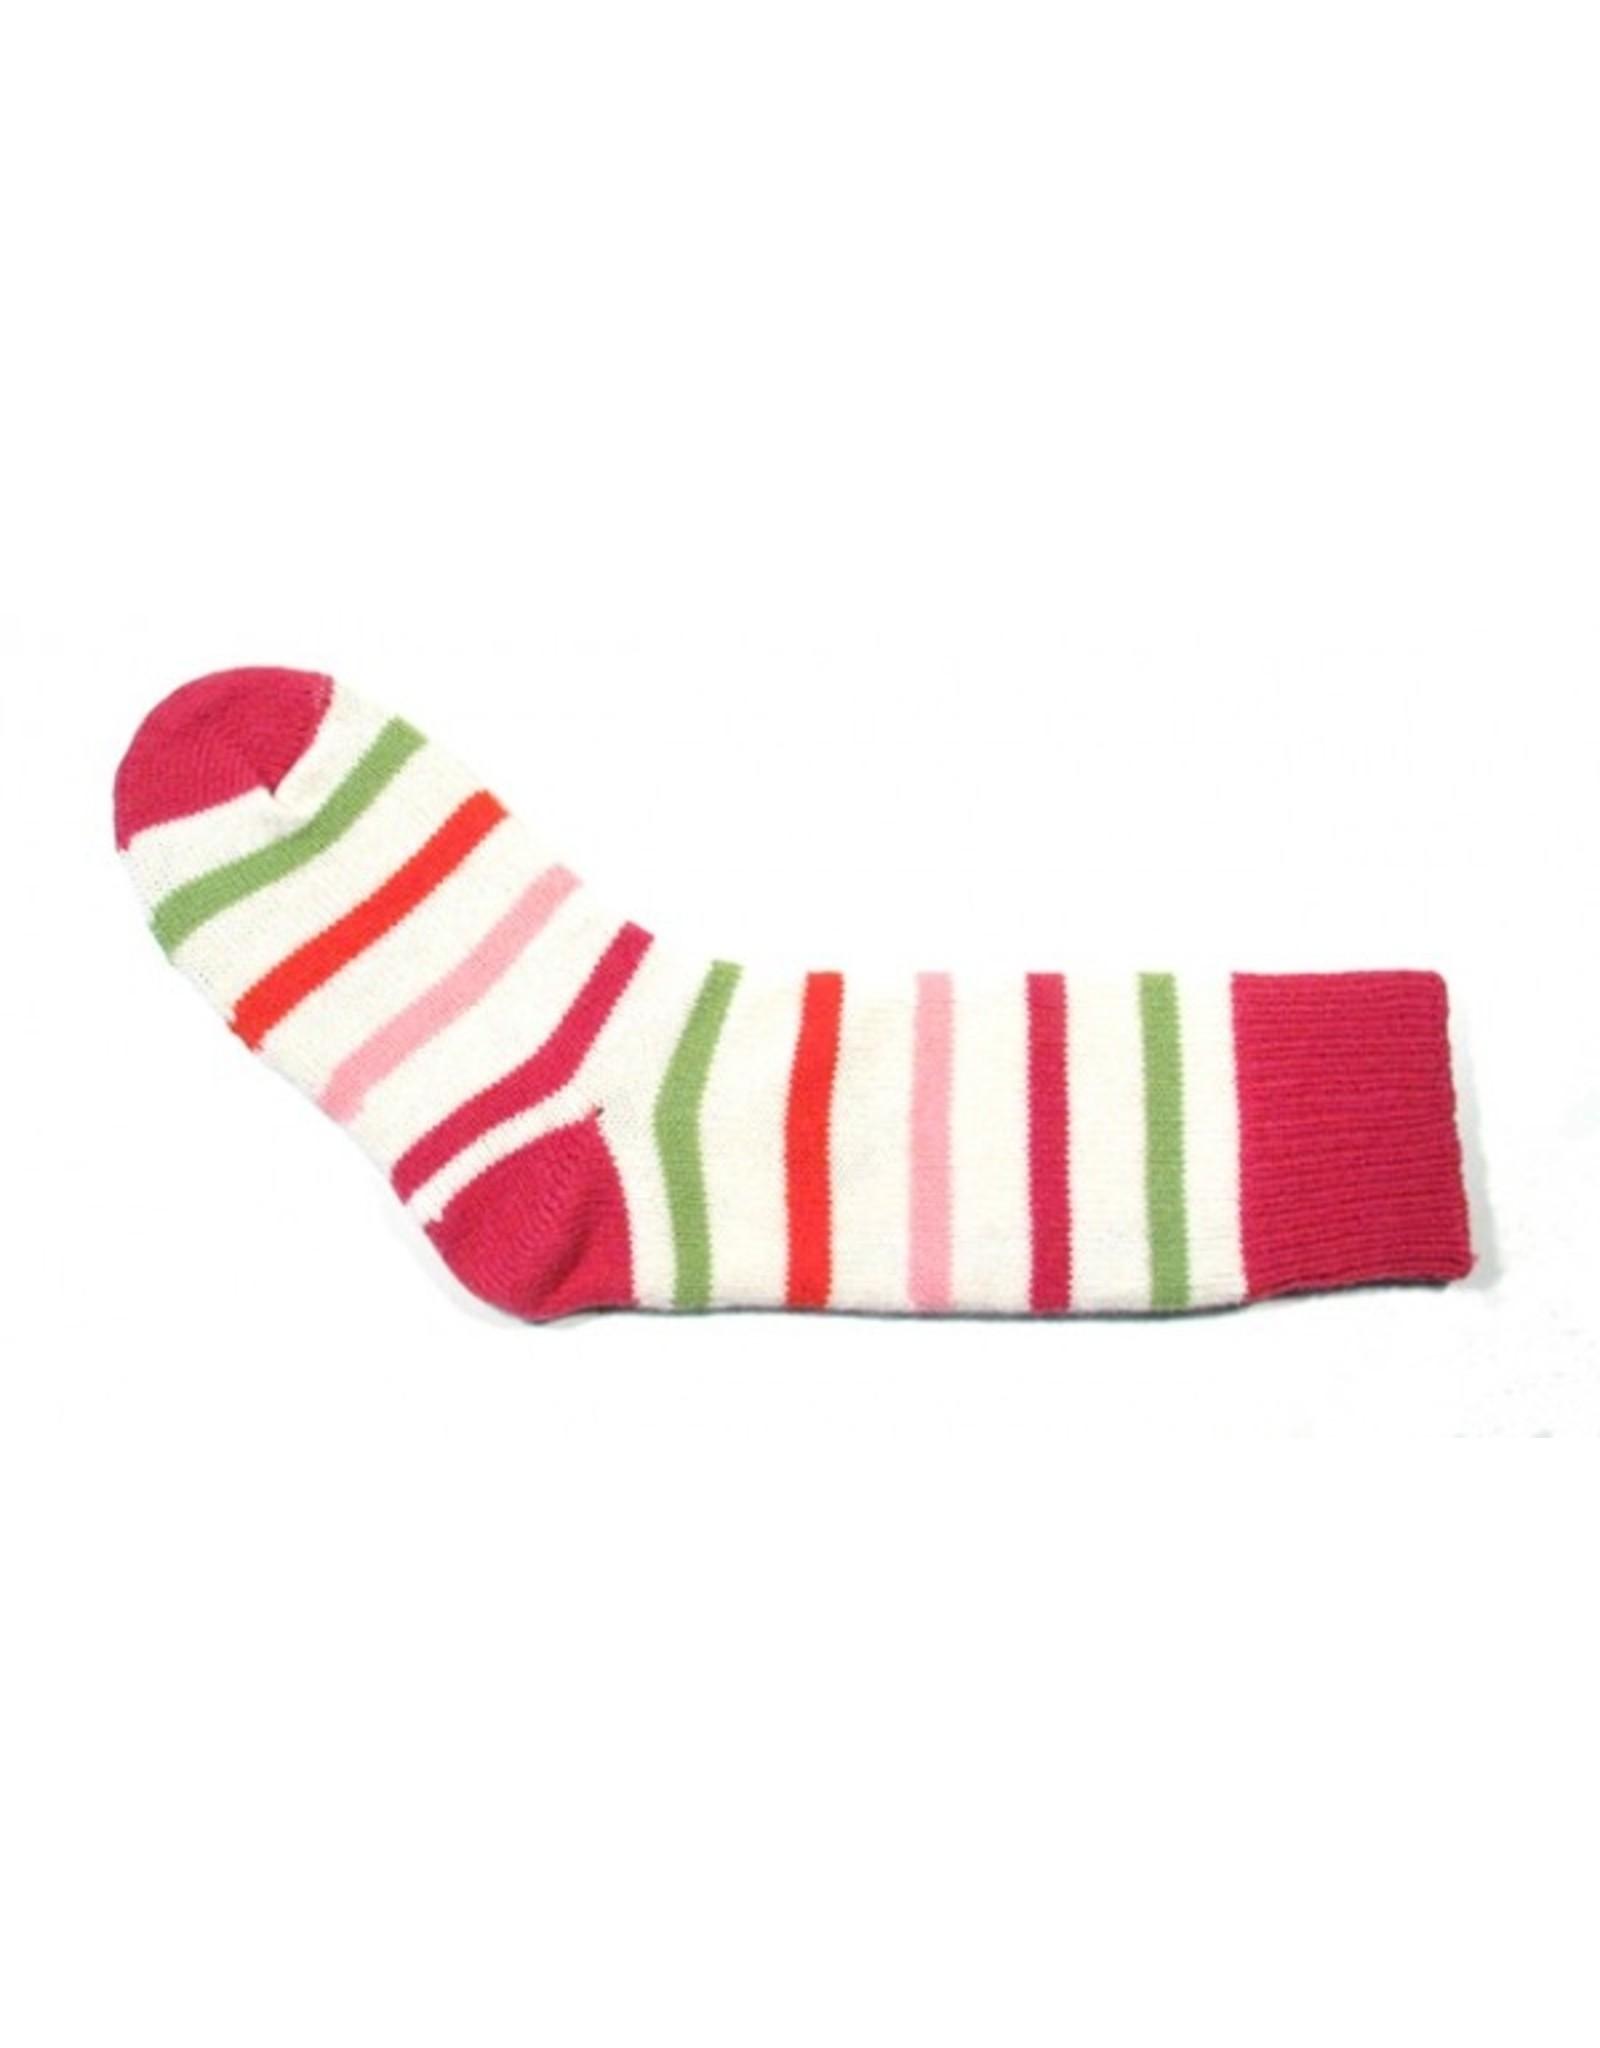 Bas de laine & mot coquin - Bas L'artiste (Blanc/Rose, Rouge et Vert)